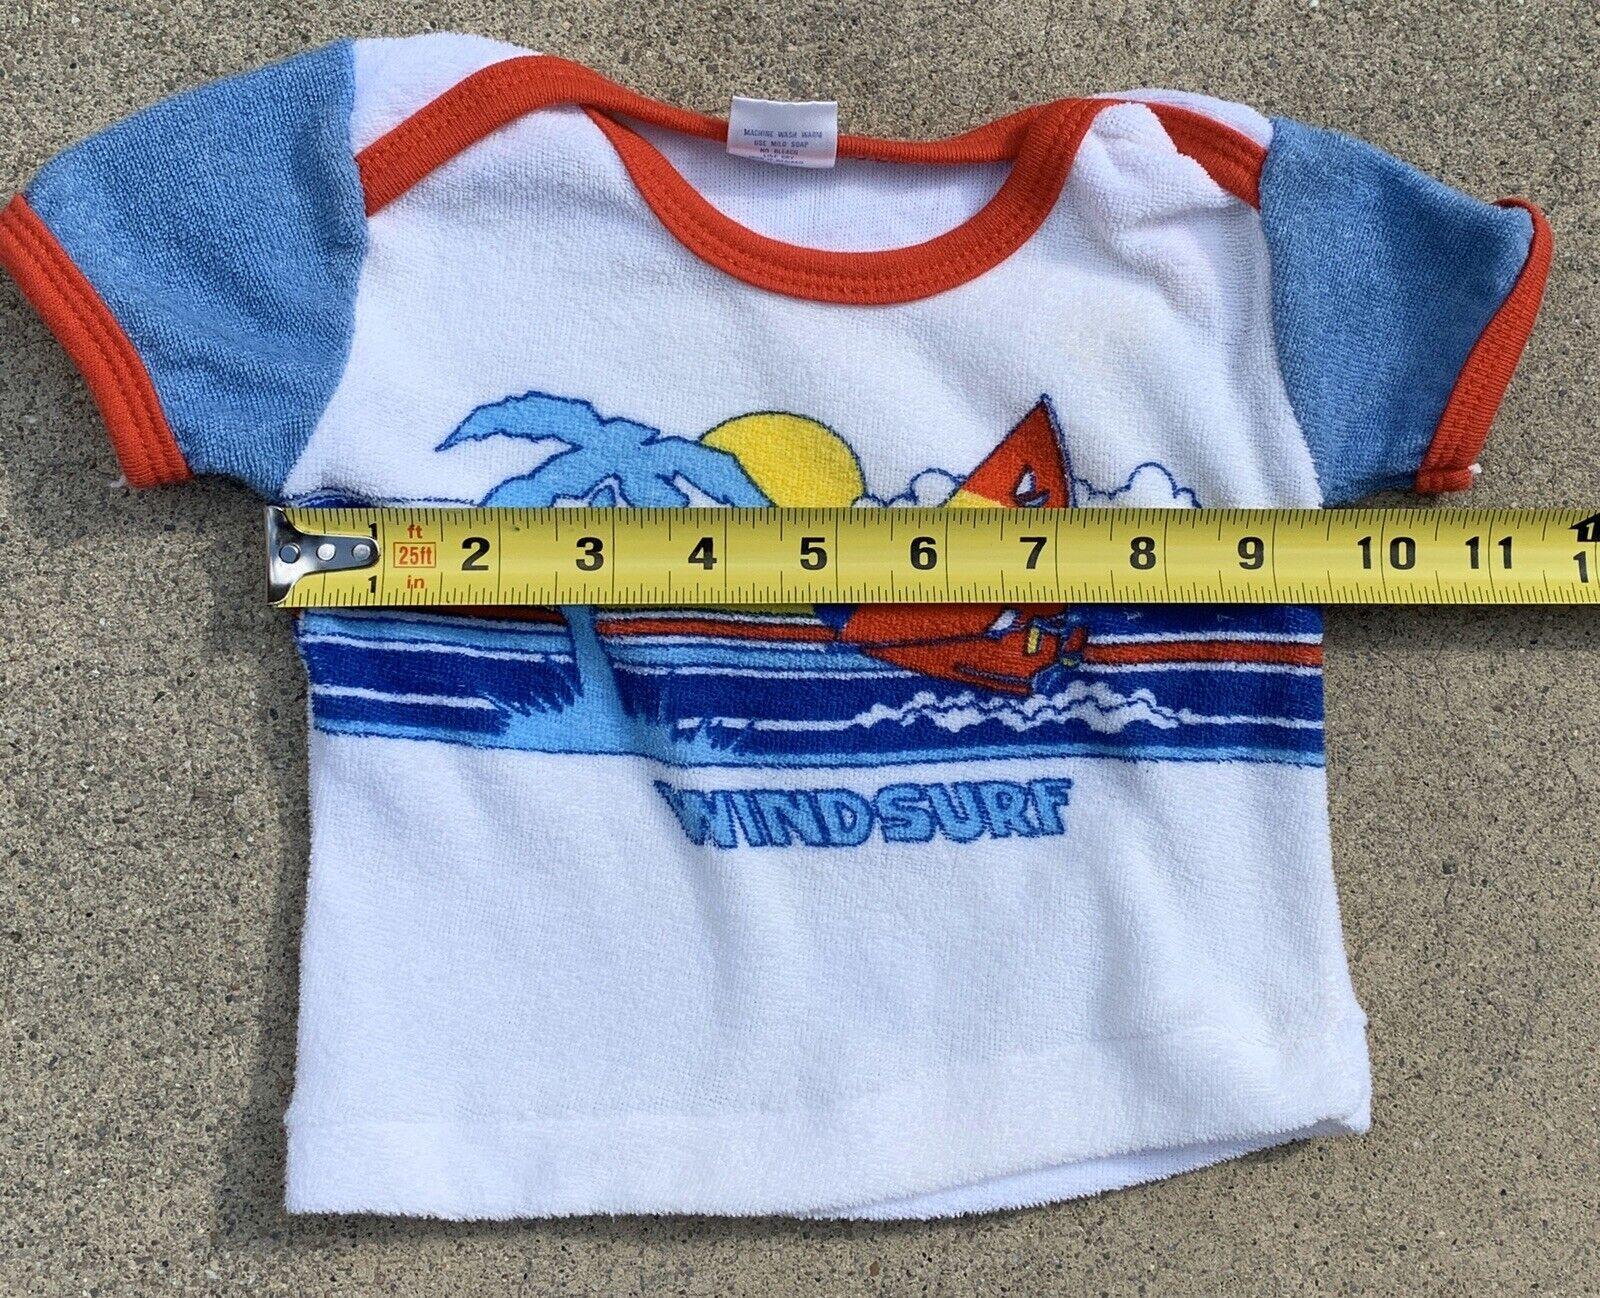 18 Months Judy Philippine Brand 1990 Vintage Baby Sweatsuit